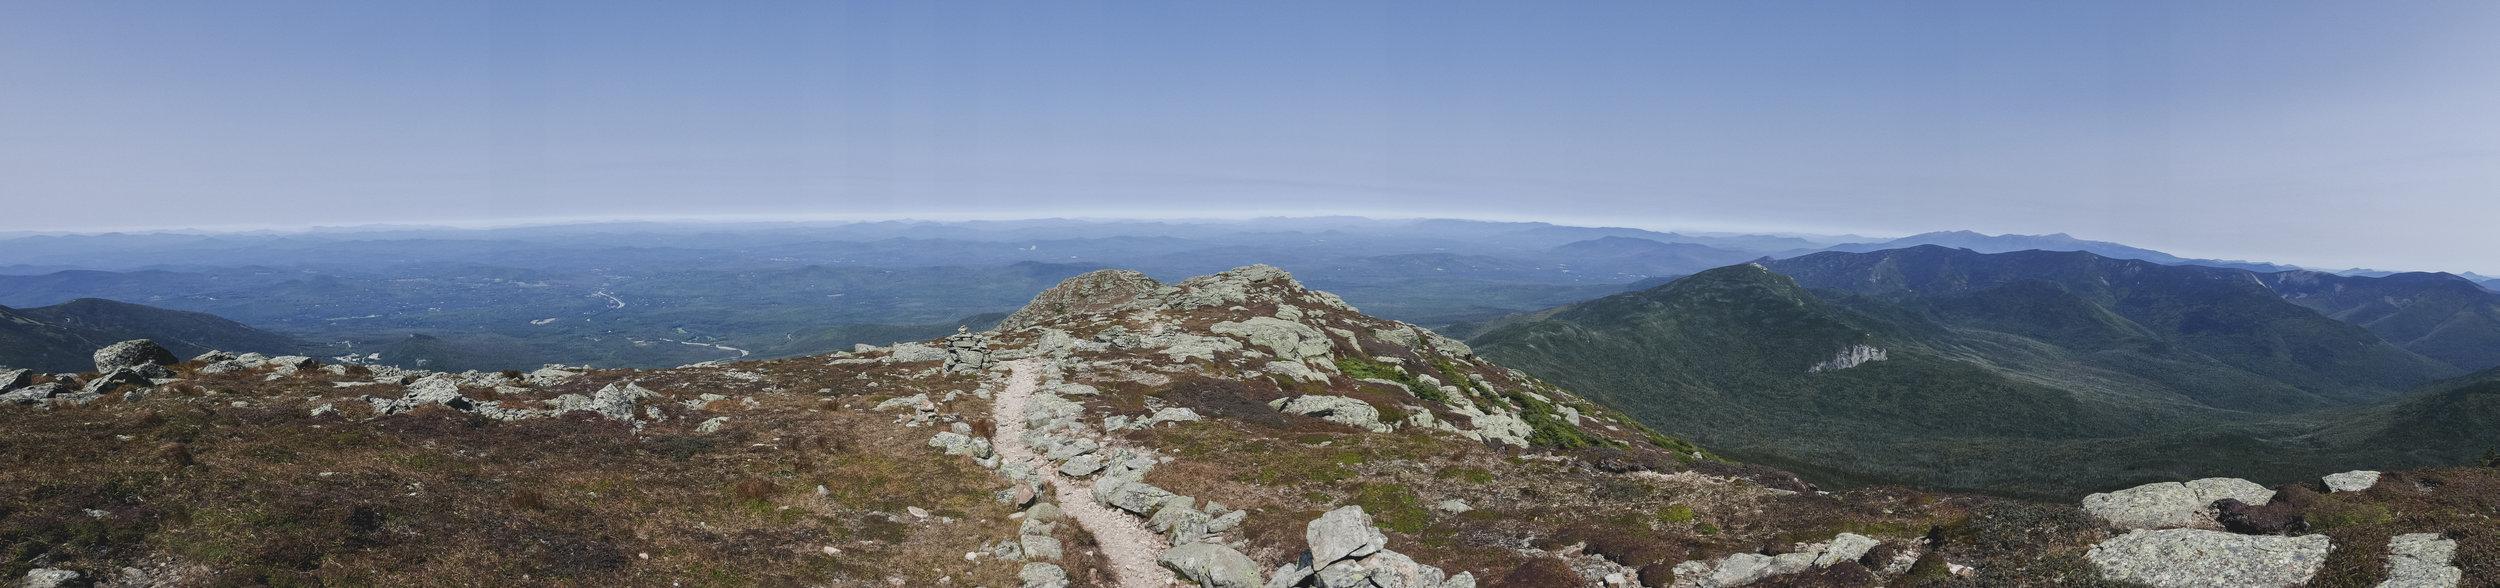 AT-WhiteMtns-Maine-34.jpg